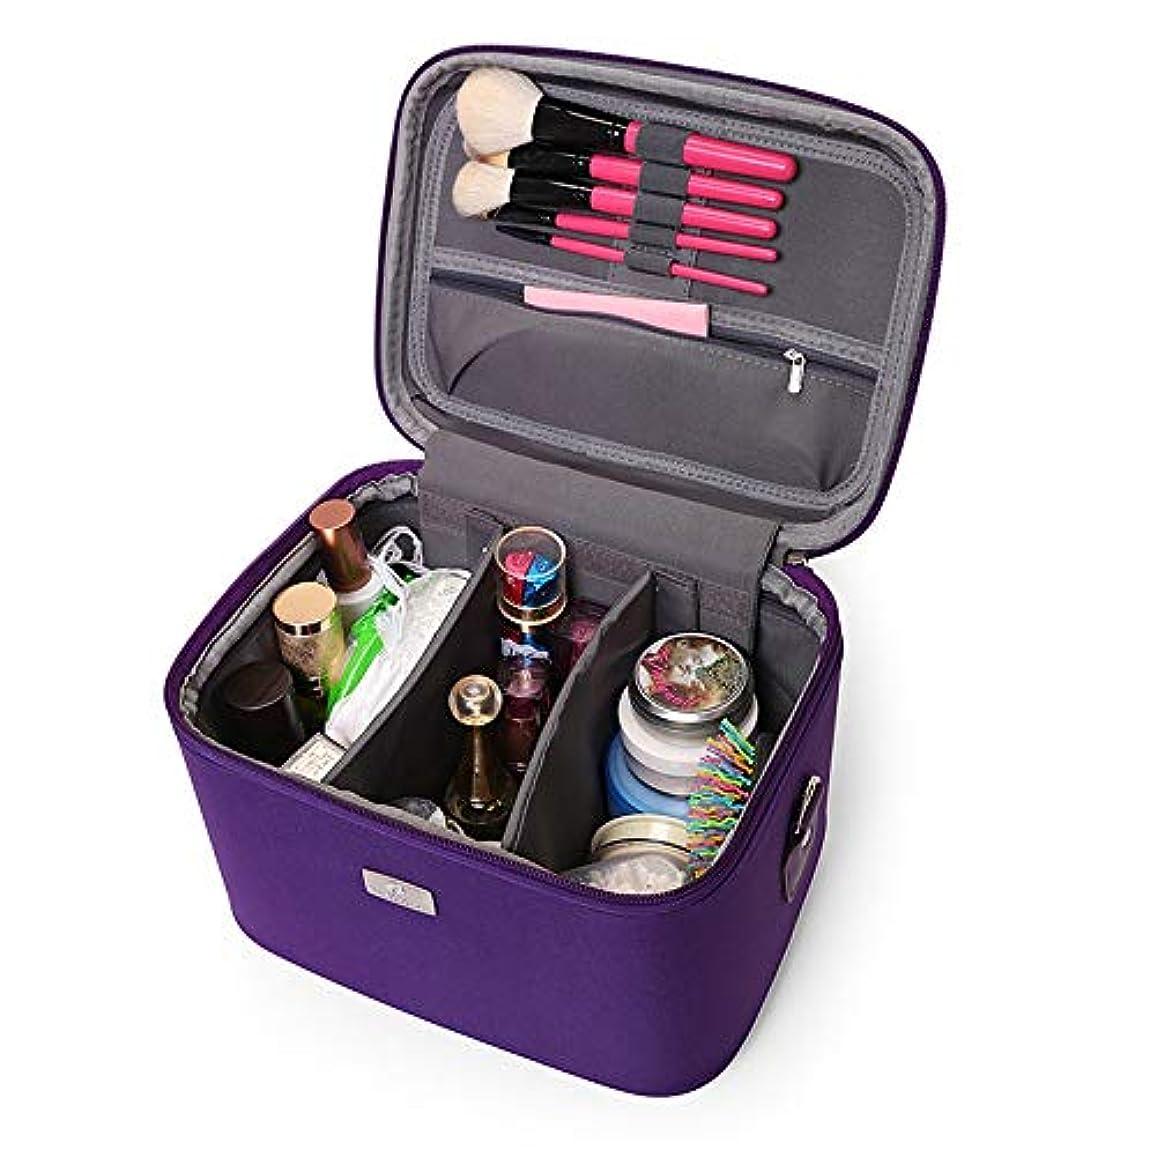 爆発物印象重要性化粧オーガナイザーバッグ 14インチのメイクアップトラベルバッグPUレター防水化粧ケースのティーン女の子の女性アーティスト 化粧品ケース (色 : 紫の)